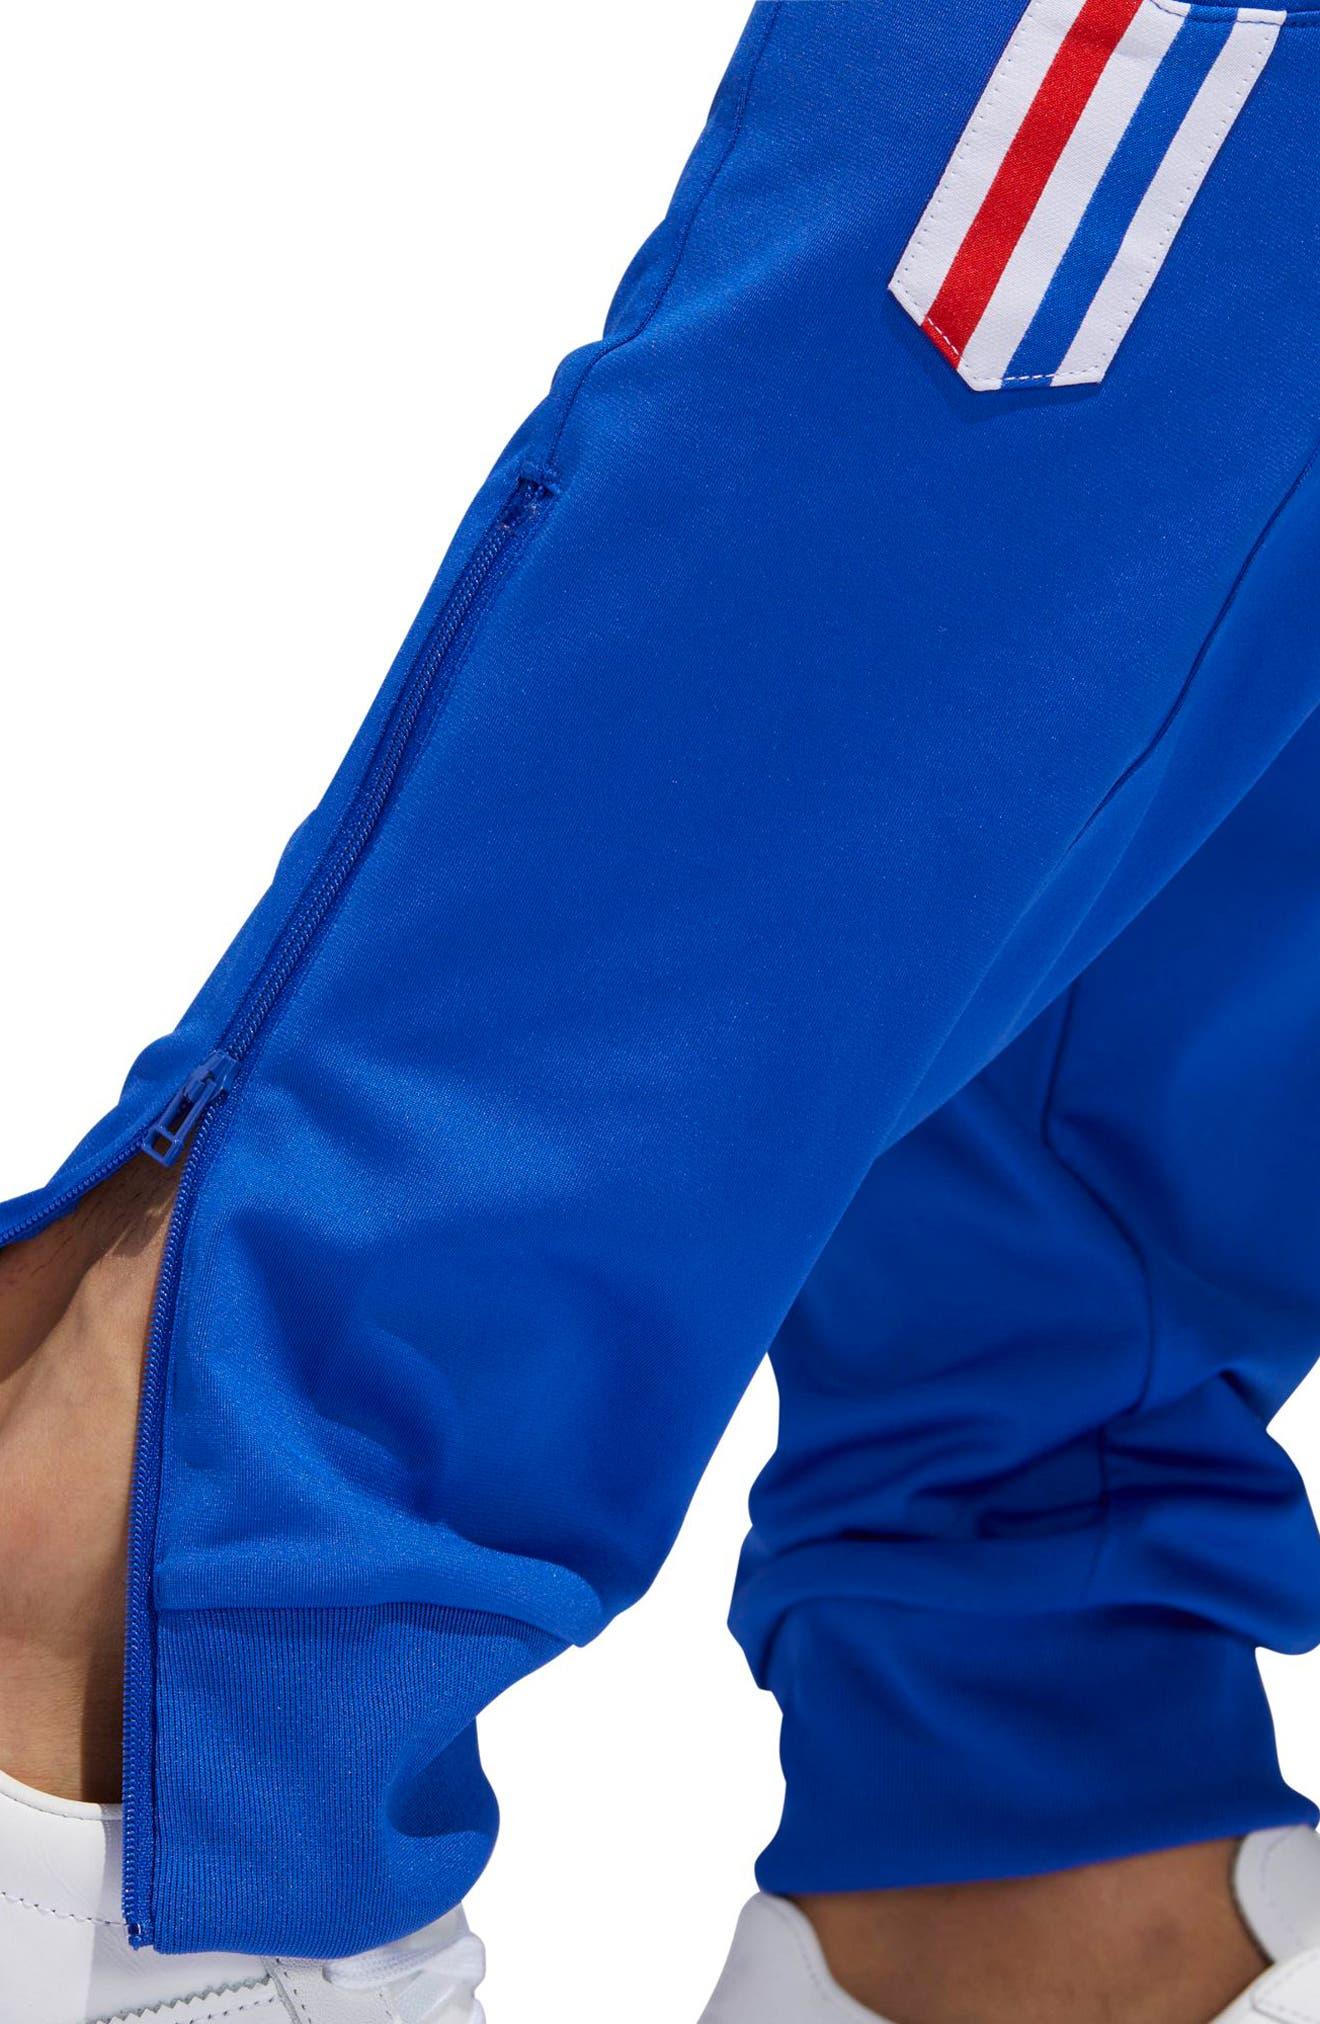 Aloxe Slim Track Pants,                             Alternate thumbnail 5, color,                             Bold Blue/ White